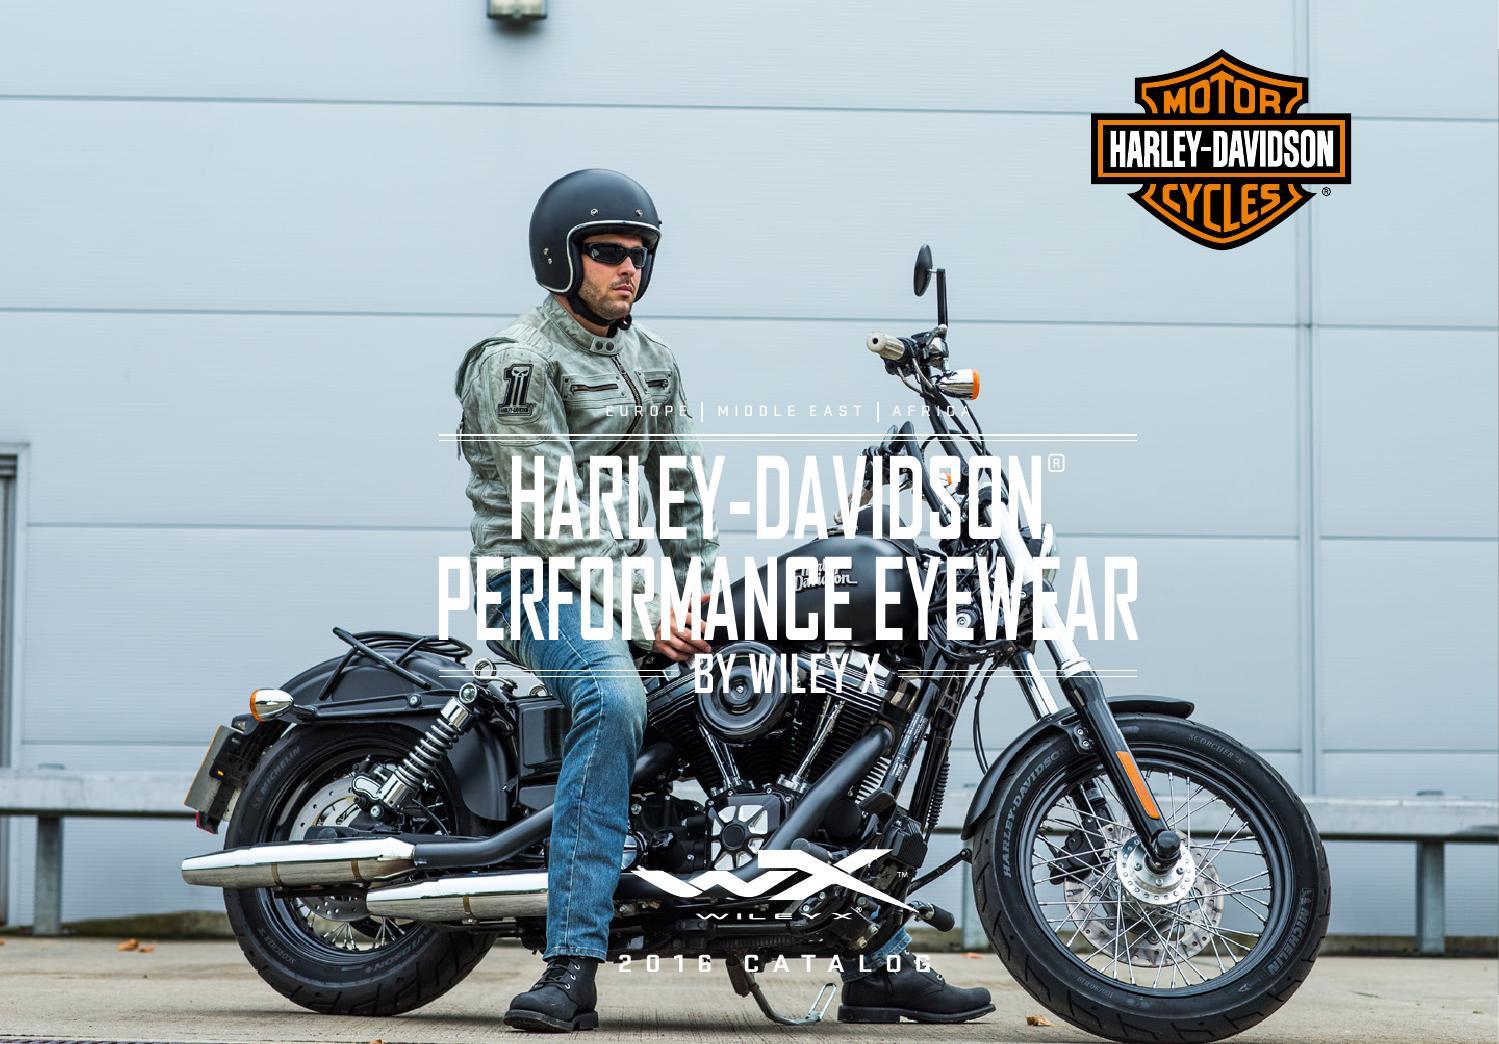 2f5630437d8 Harley-Davidson Performance Eyewear by Wiley X 2016 English Catalog by Wiley  X EMEA LLC - issuu